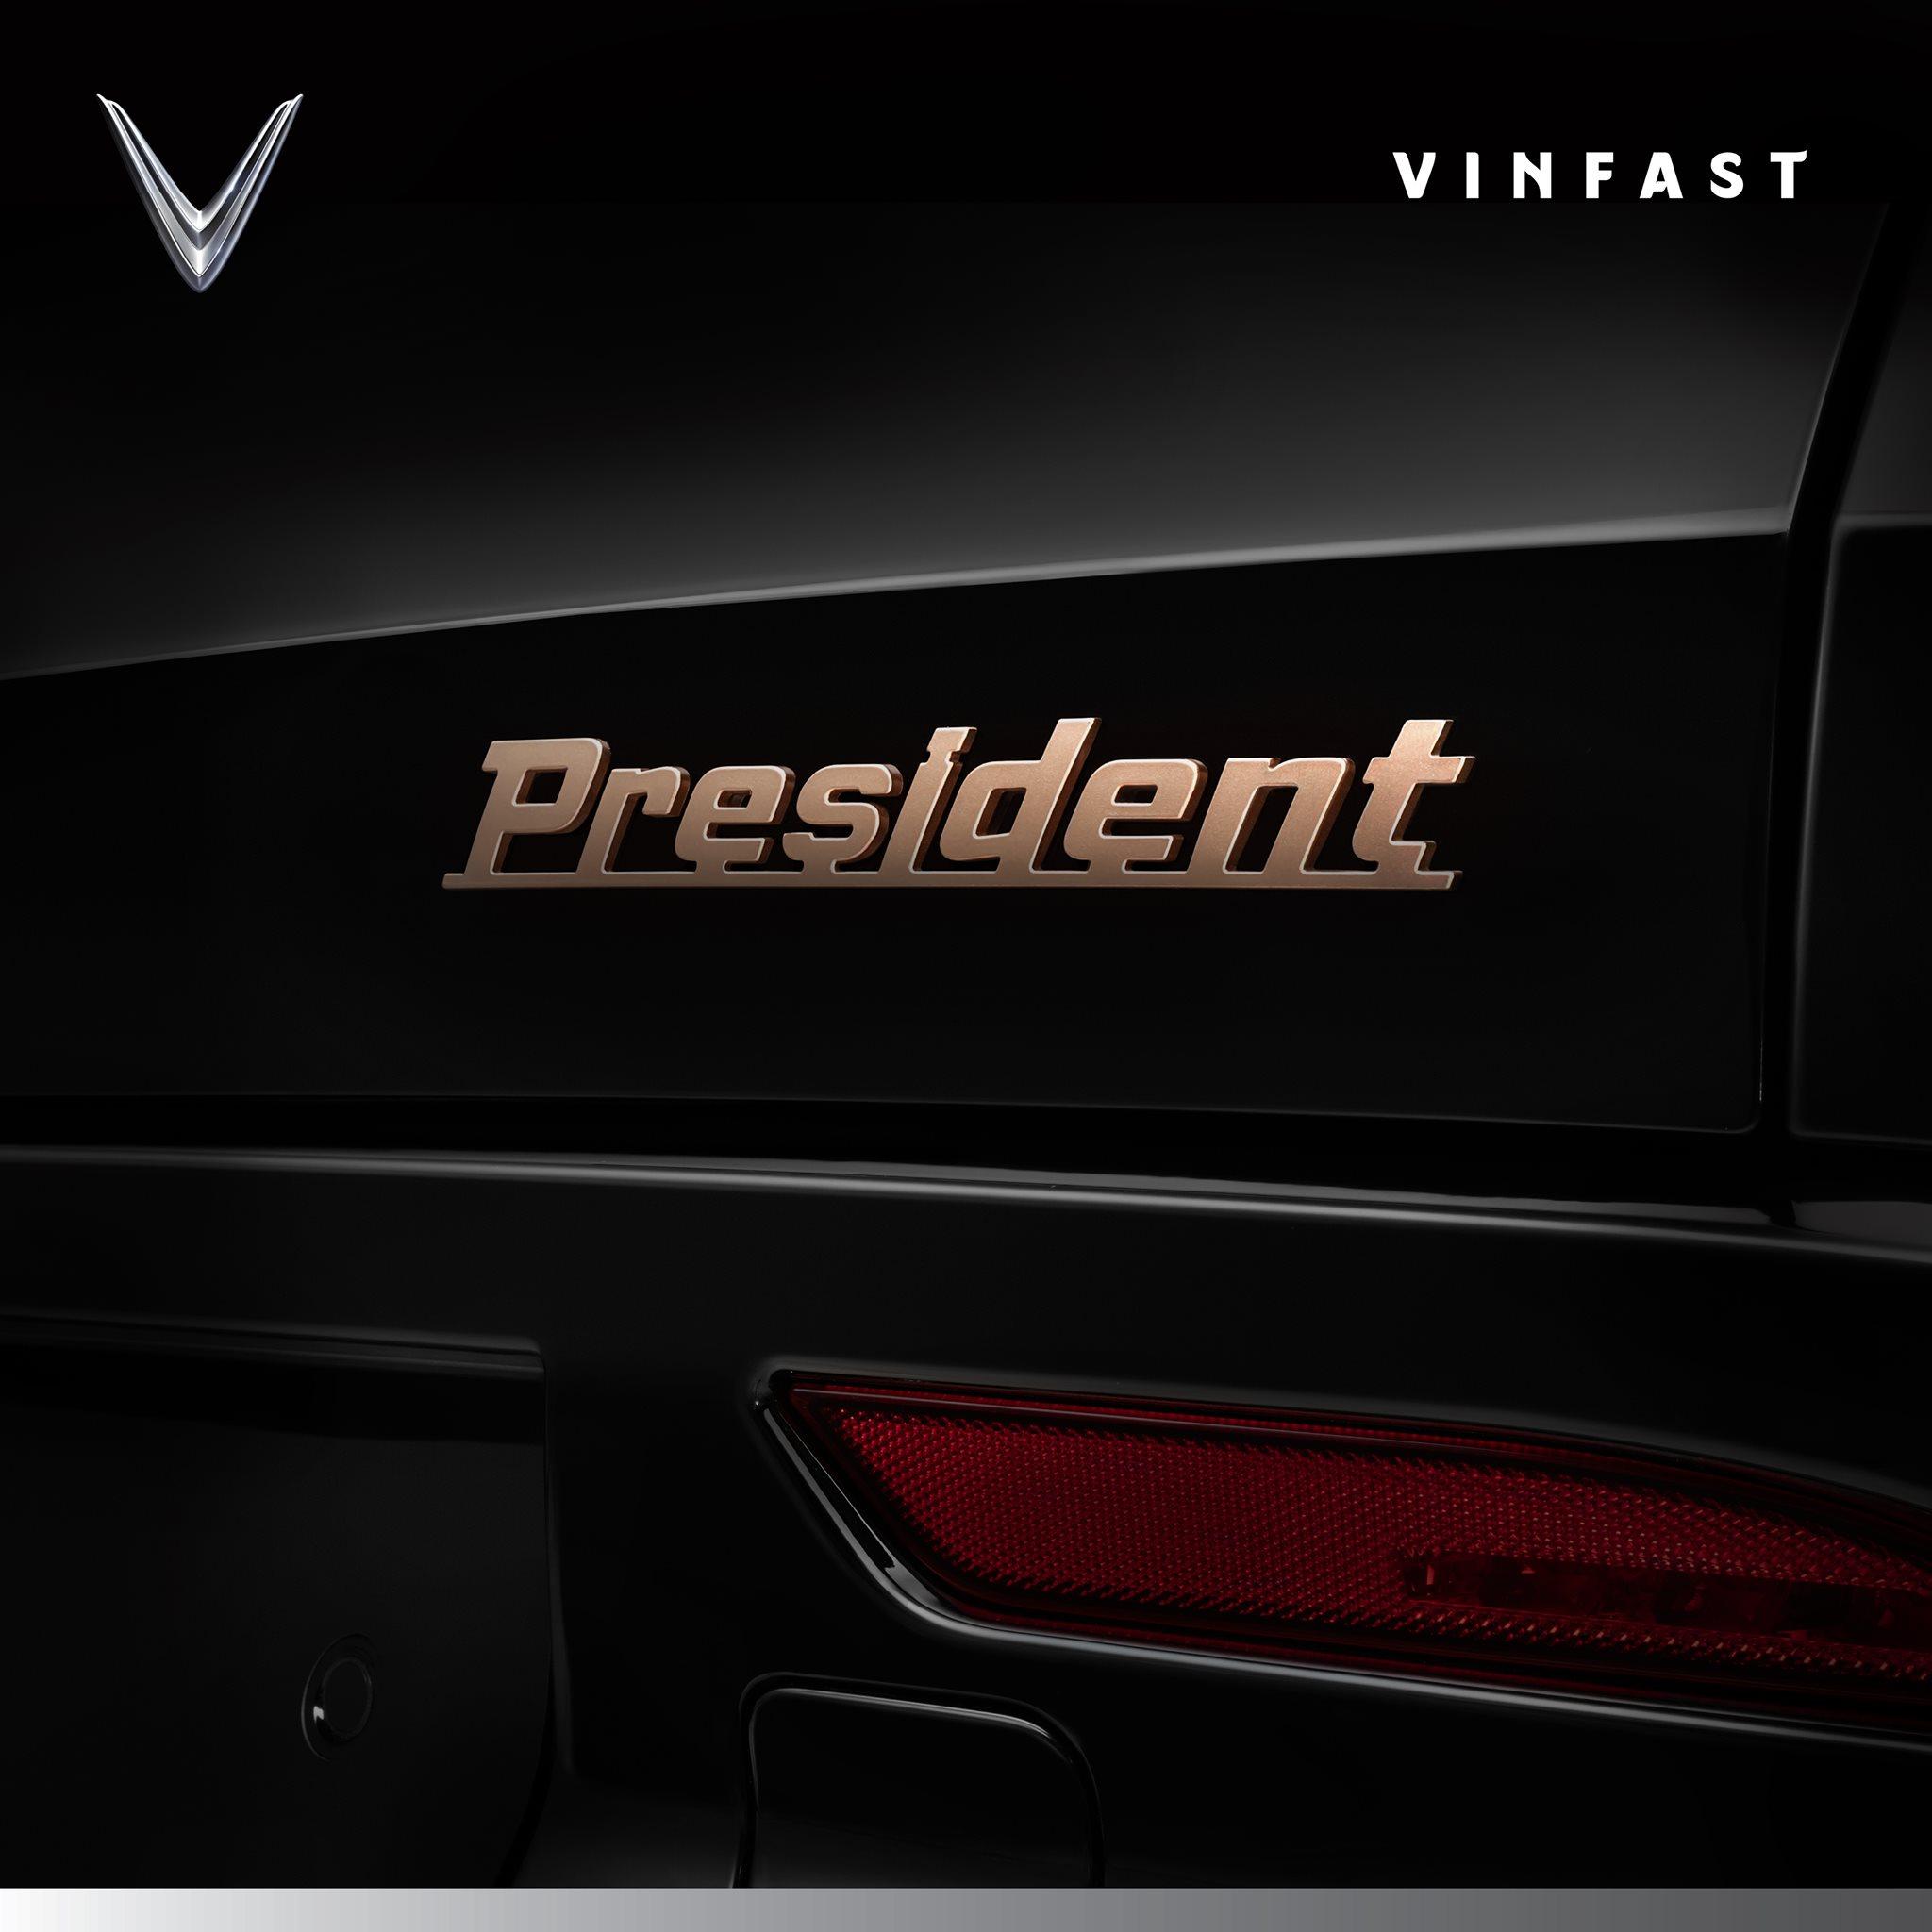 Vinfast bật mí mẫu xe 'President' sử dụng động cơ V8 sắp ra mắt tại Việt Nam - Ảnh 1.